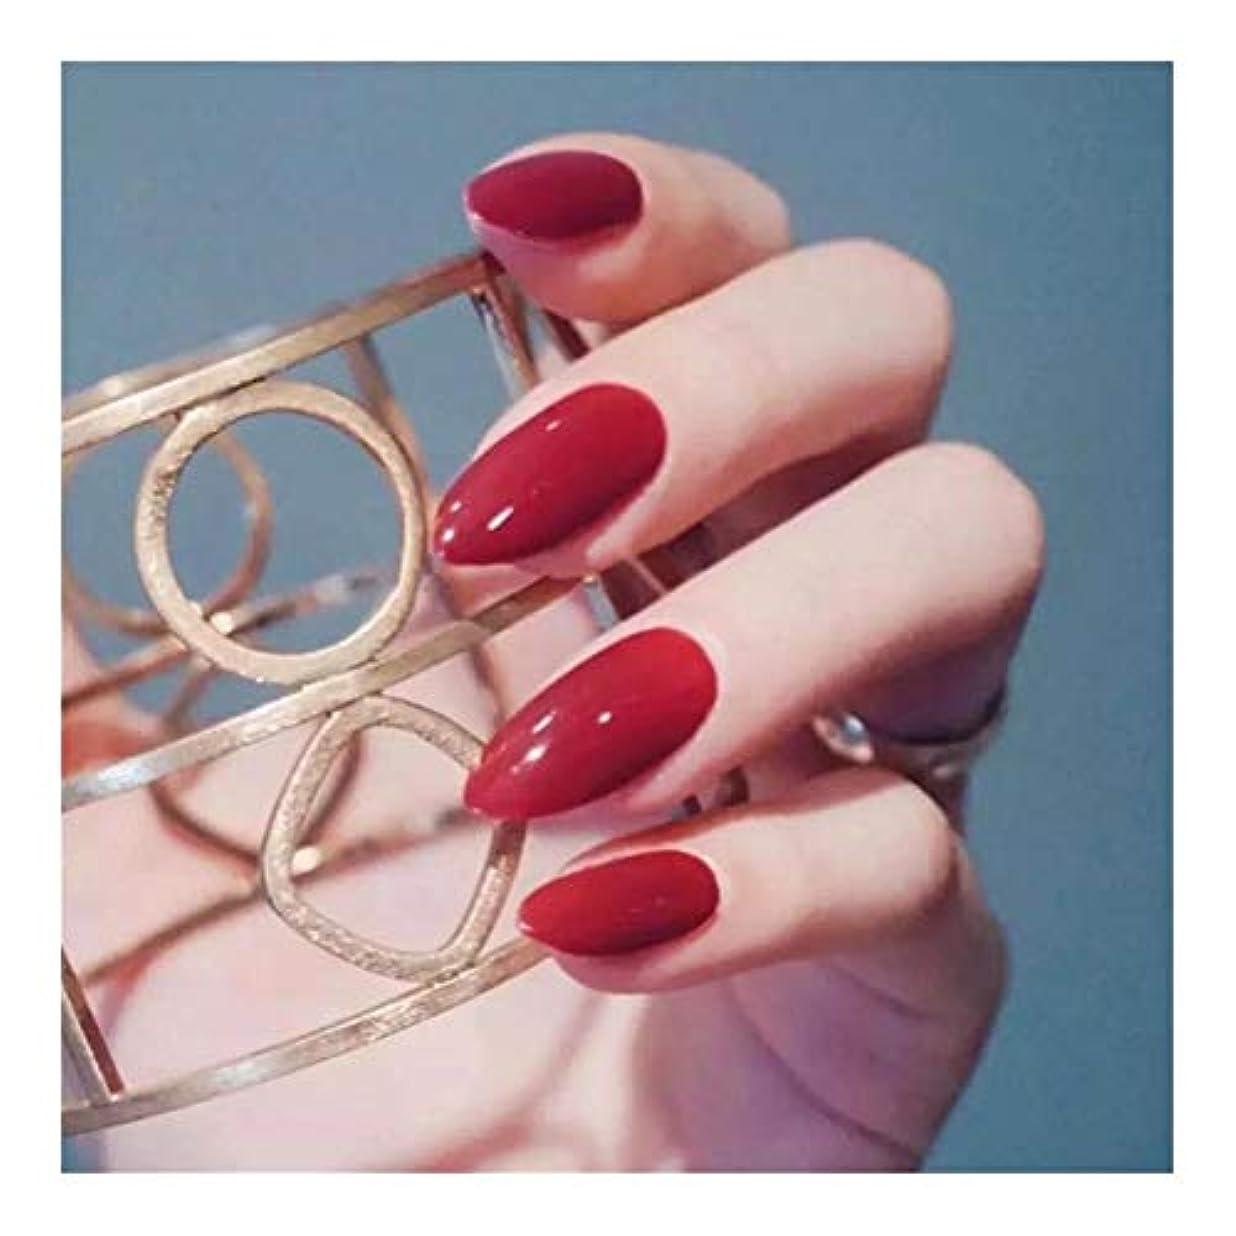 適性全滅させるBOBIDYEE リムーバブル服ヒント長いセクション明るい赤ネイルネイルグルーフェイク釘完成 (色 : 24 pieces)